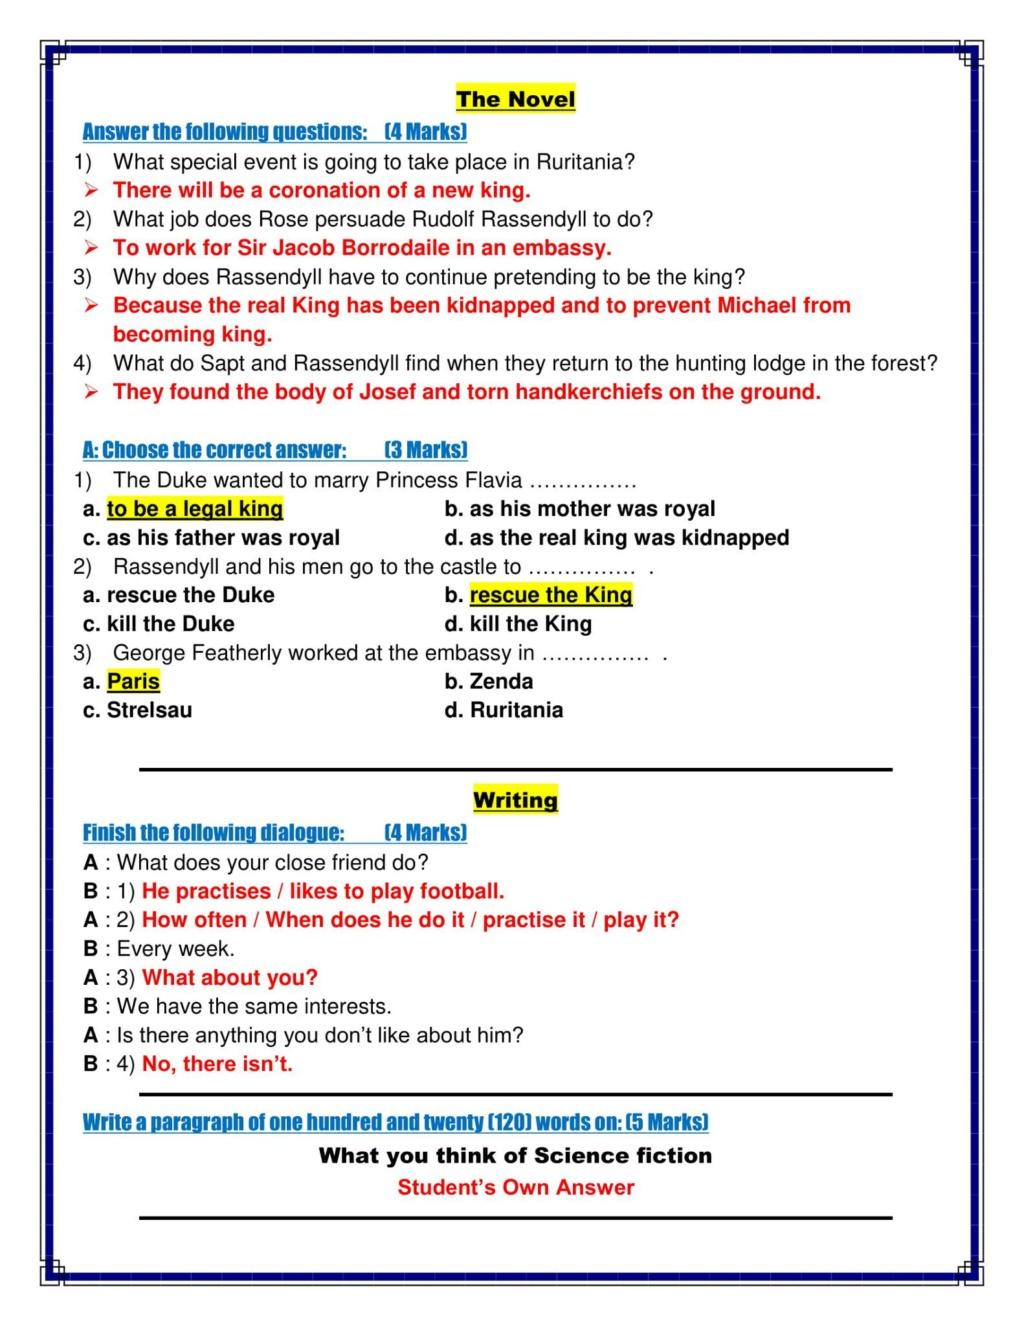 امتحان اللغة الانجليزية للثانوية الازهرية 2021 بالاجابات 51414